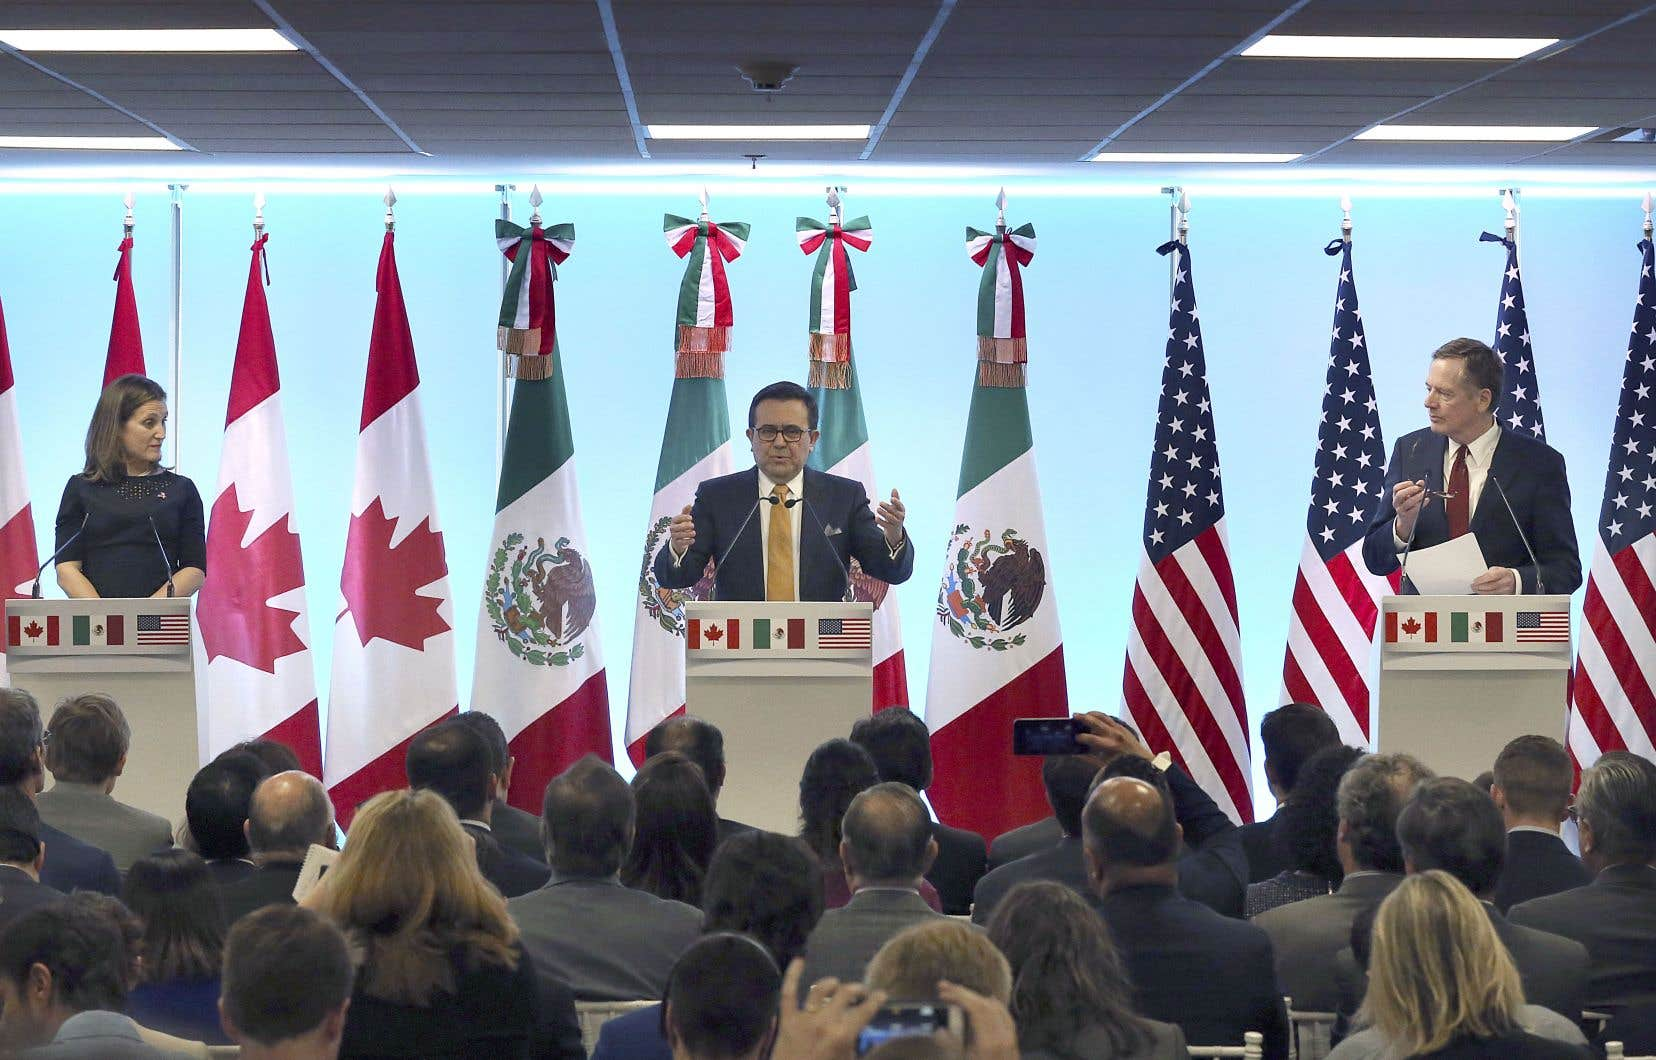 La ministre canadienne des Affaires étrangères, Chrystia Freeland, le secrétaire mexicain à l'Économie, Ildefonso Guajardo Villarreal, et le représentant américain au Commerce, Robert Lighthizer, en conférence de presse à l'occasion de la 7e ronde de renégociation de l'ALENA, lundi à Mexico